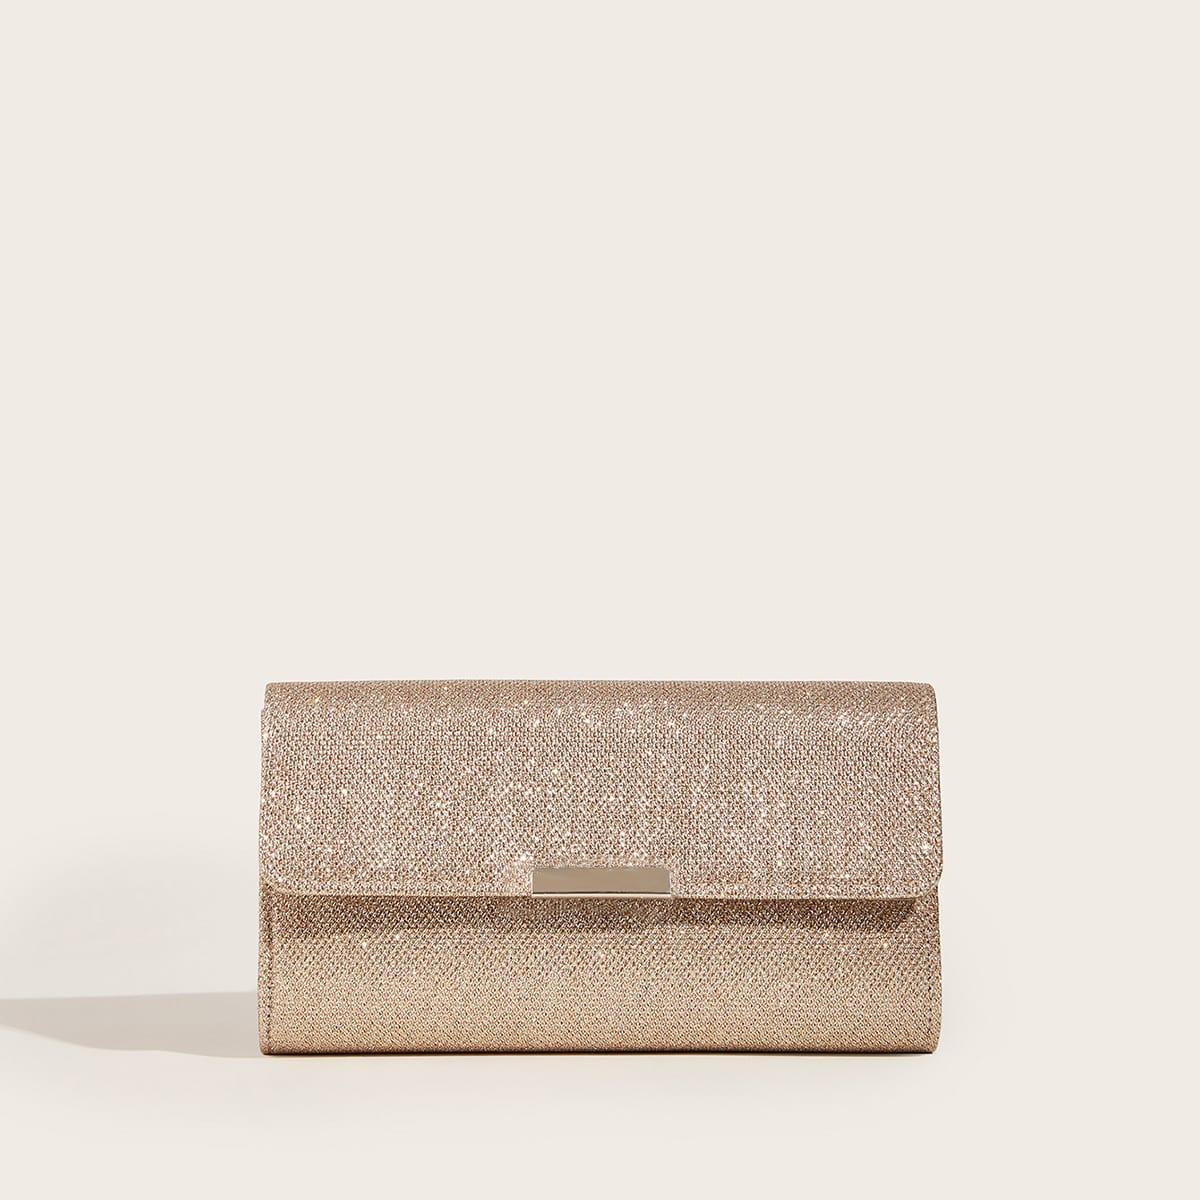 Блестящая сумка-клатчна цепочке